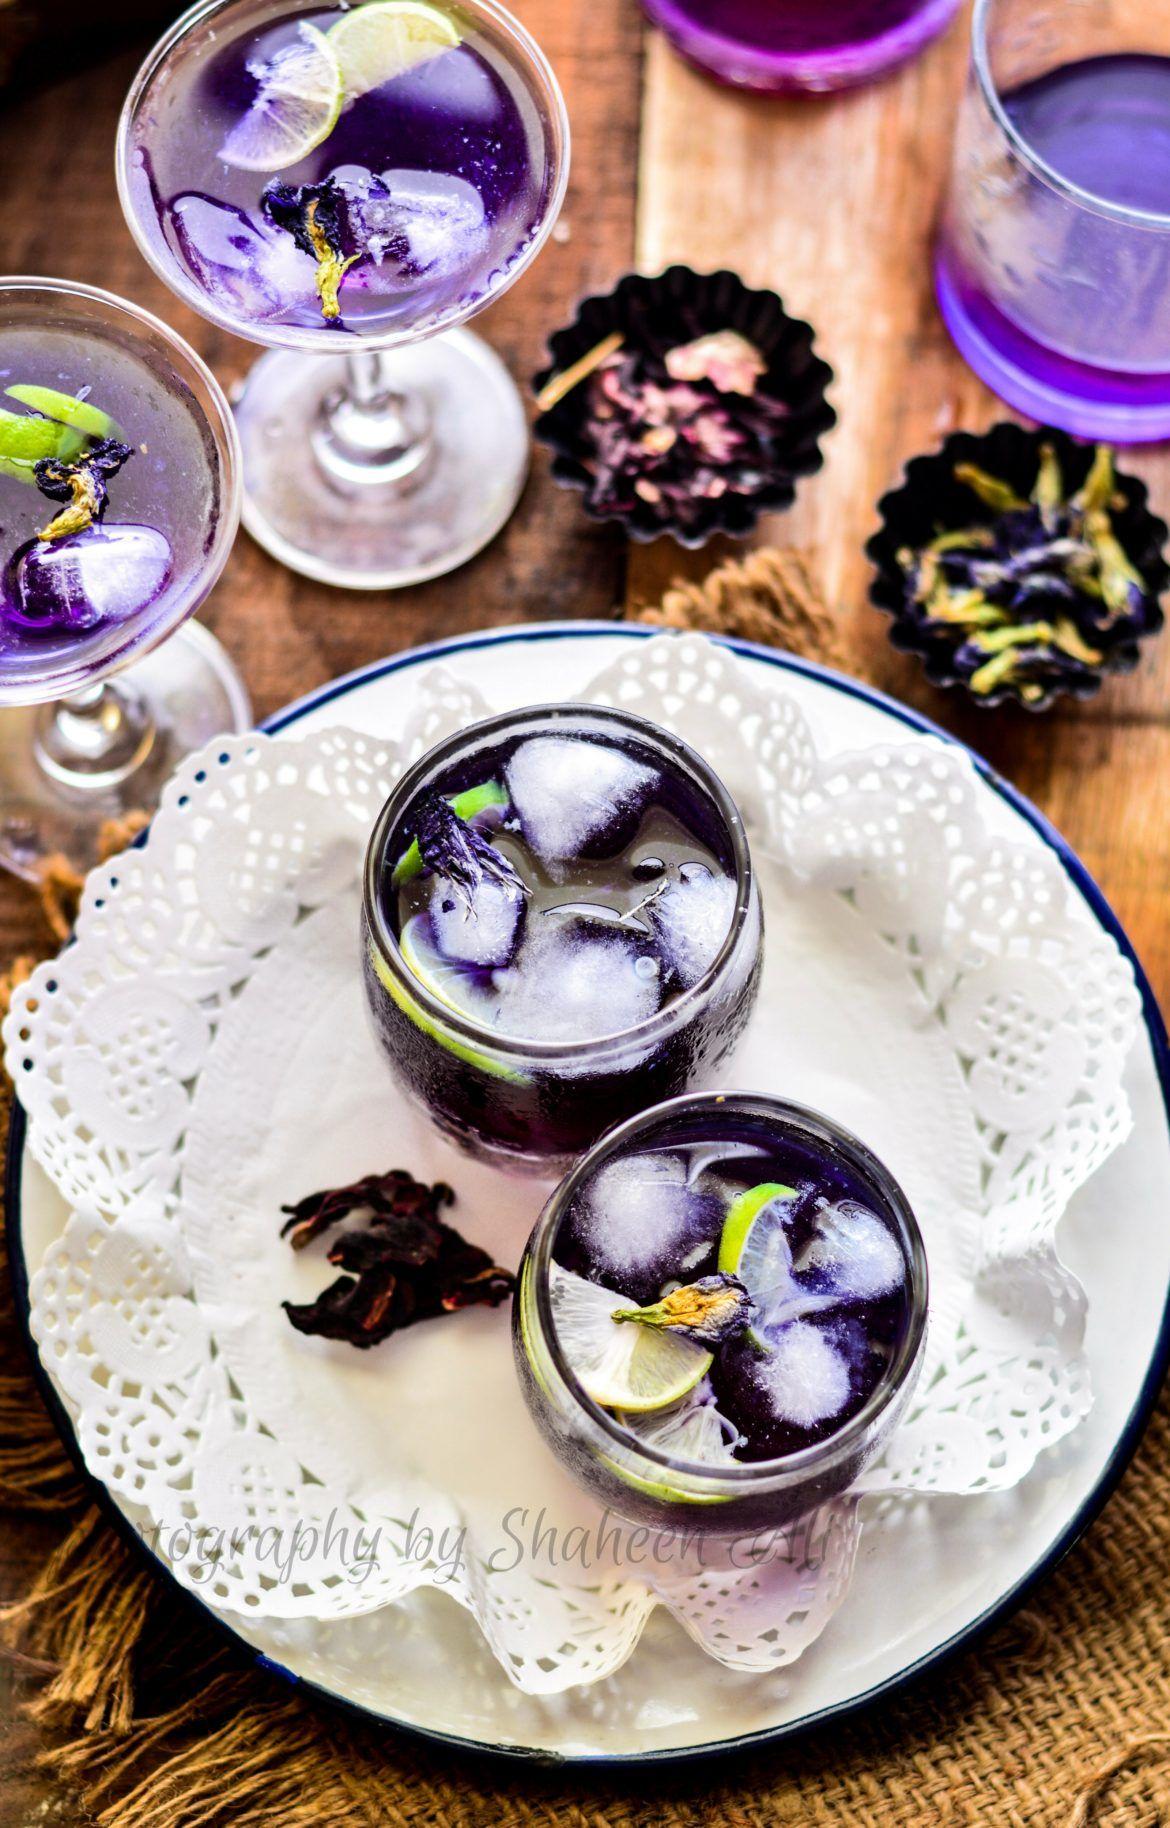 Butterfly pea flower tea lemonade best party